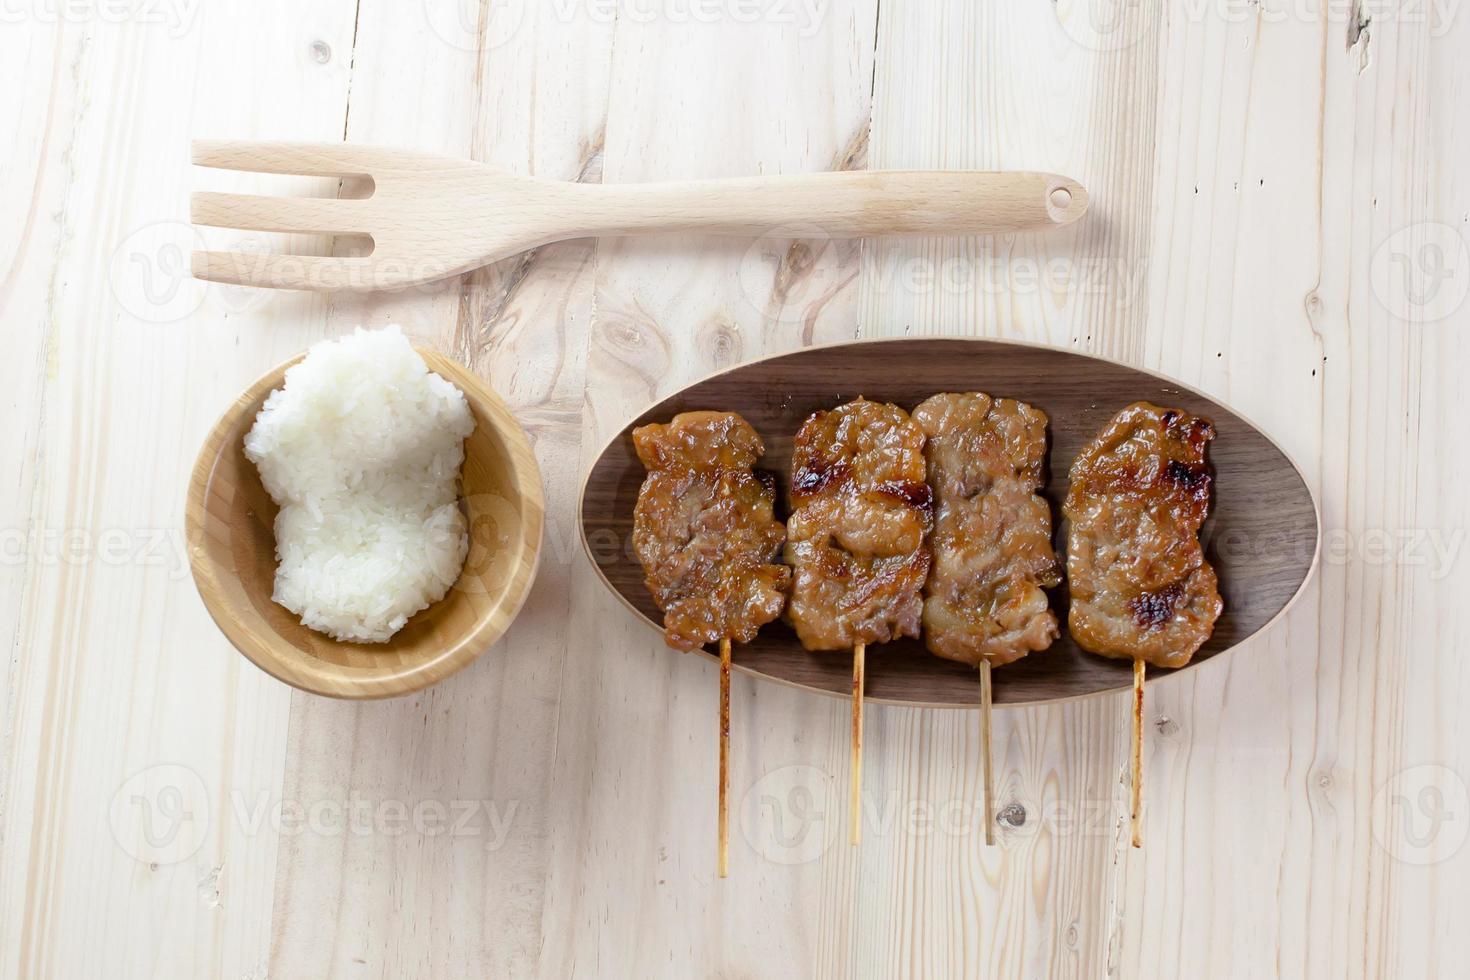 maiale alla griglia in stile tailandese e riso appiccicoso foto